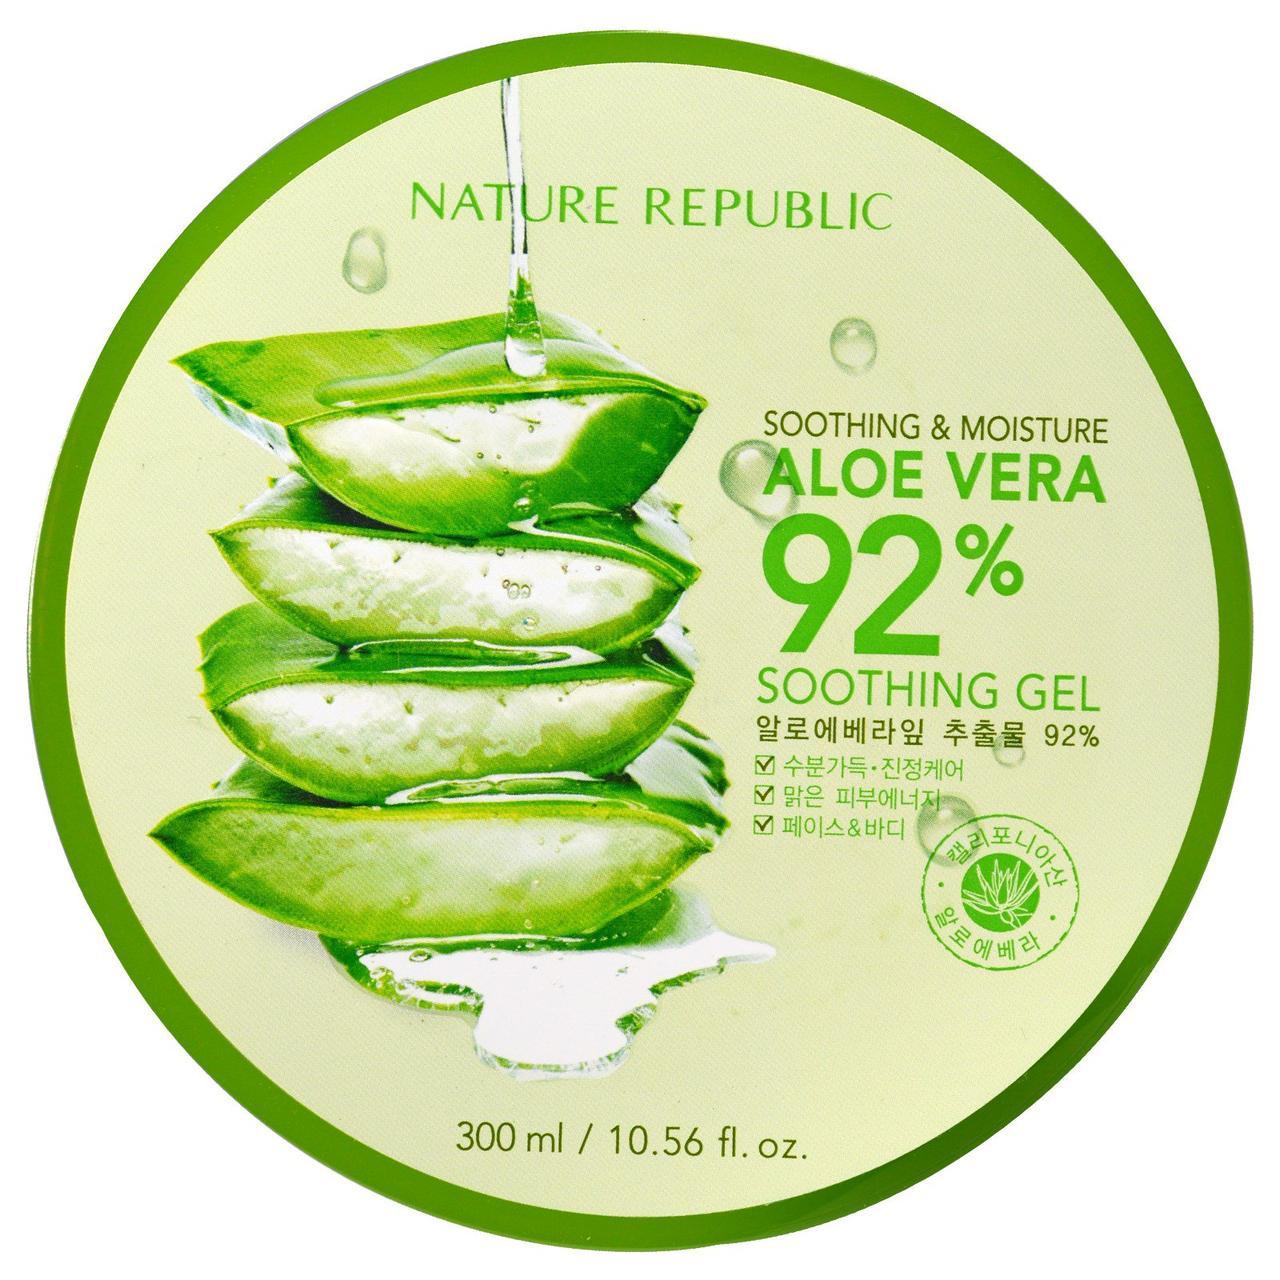 Nature Republic, Смягчающий и увлажняющий гель с алоэ вера (92%), 10,56 жидких унций (300 мл)